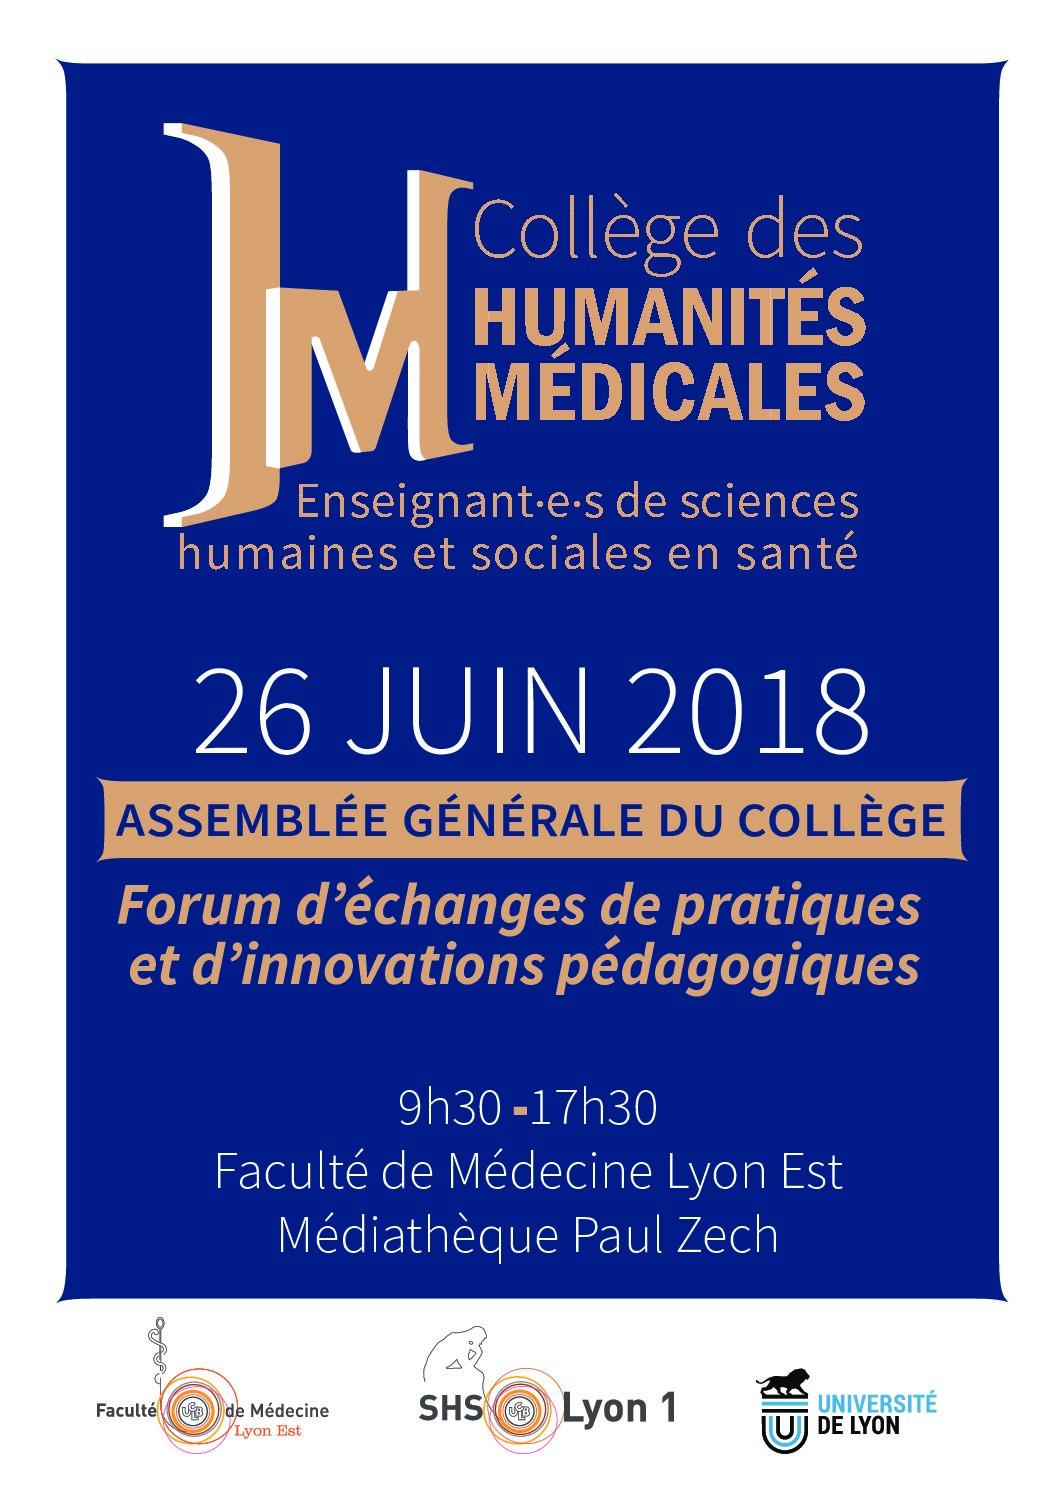 Assemblée Générale du Collège des Humanités Médicales – Lyon le 26 juin 2018